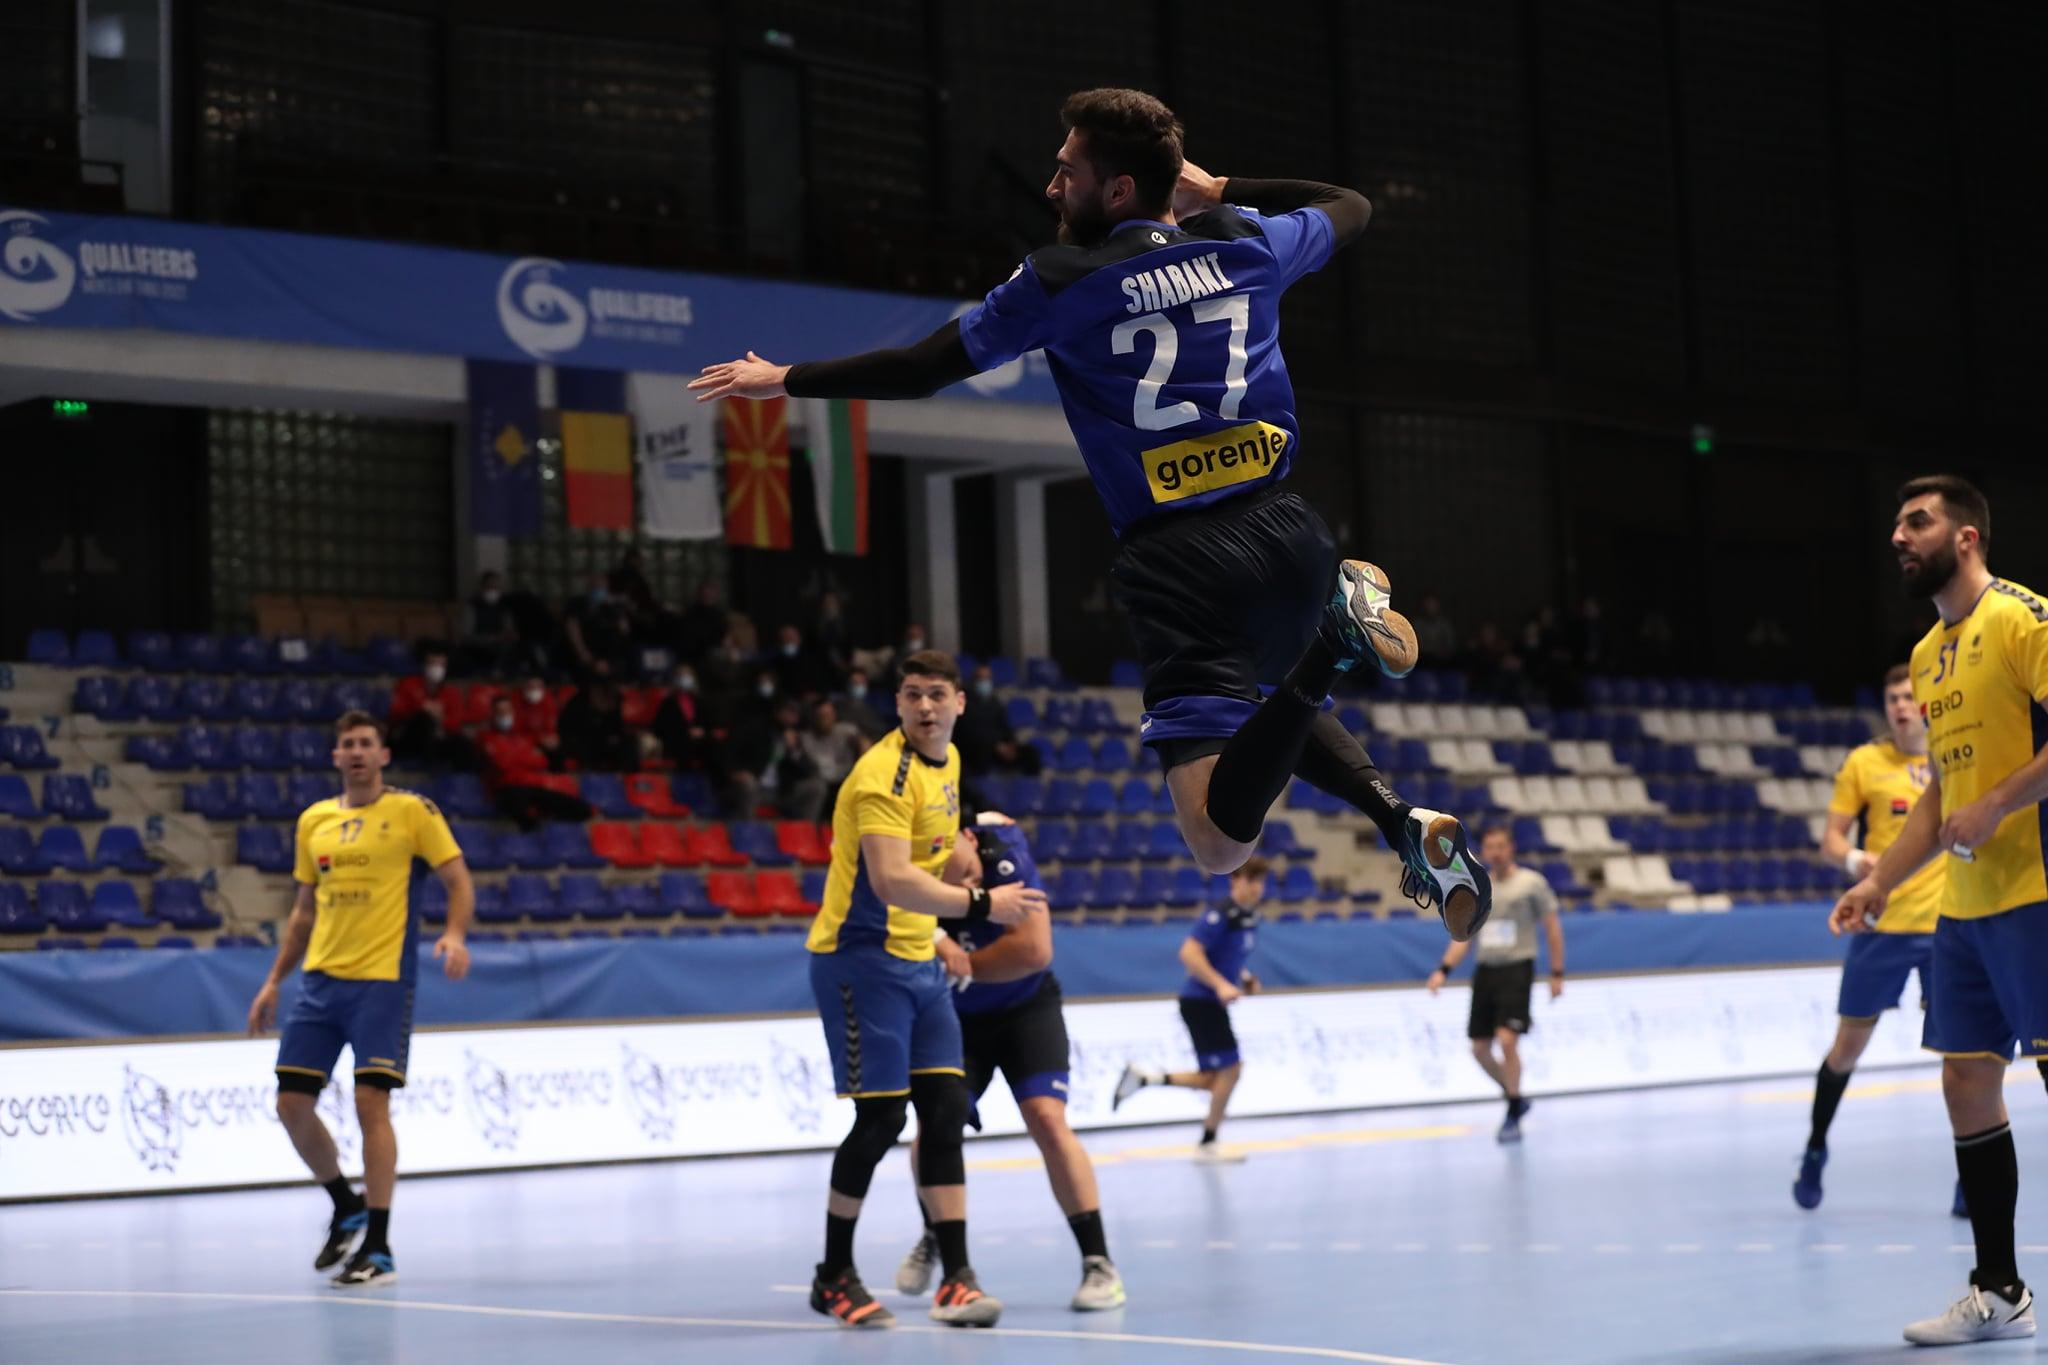 Hendbollistët e Kosovës në grup me Portugalinë, Luksemburgun e Qipron